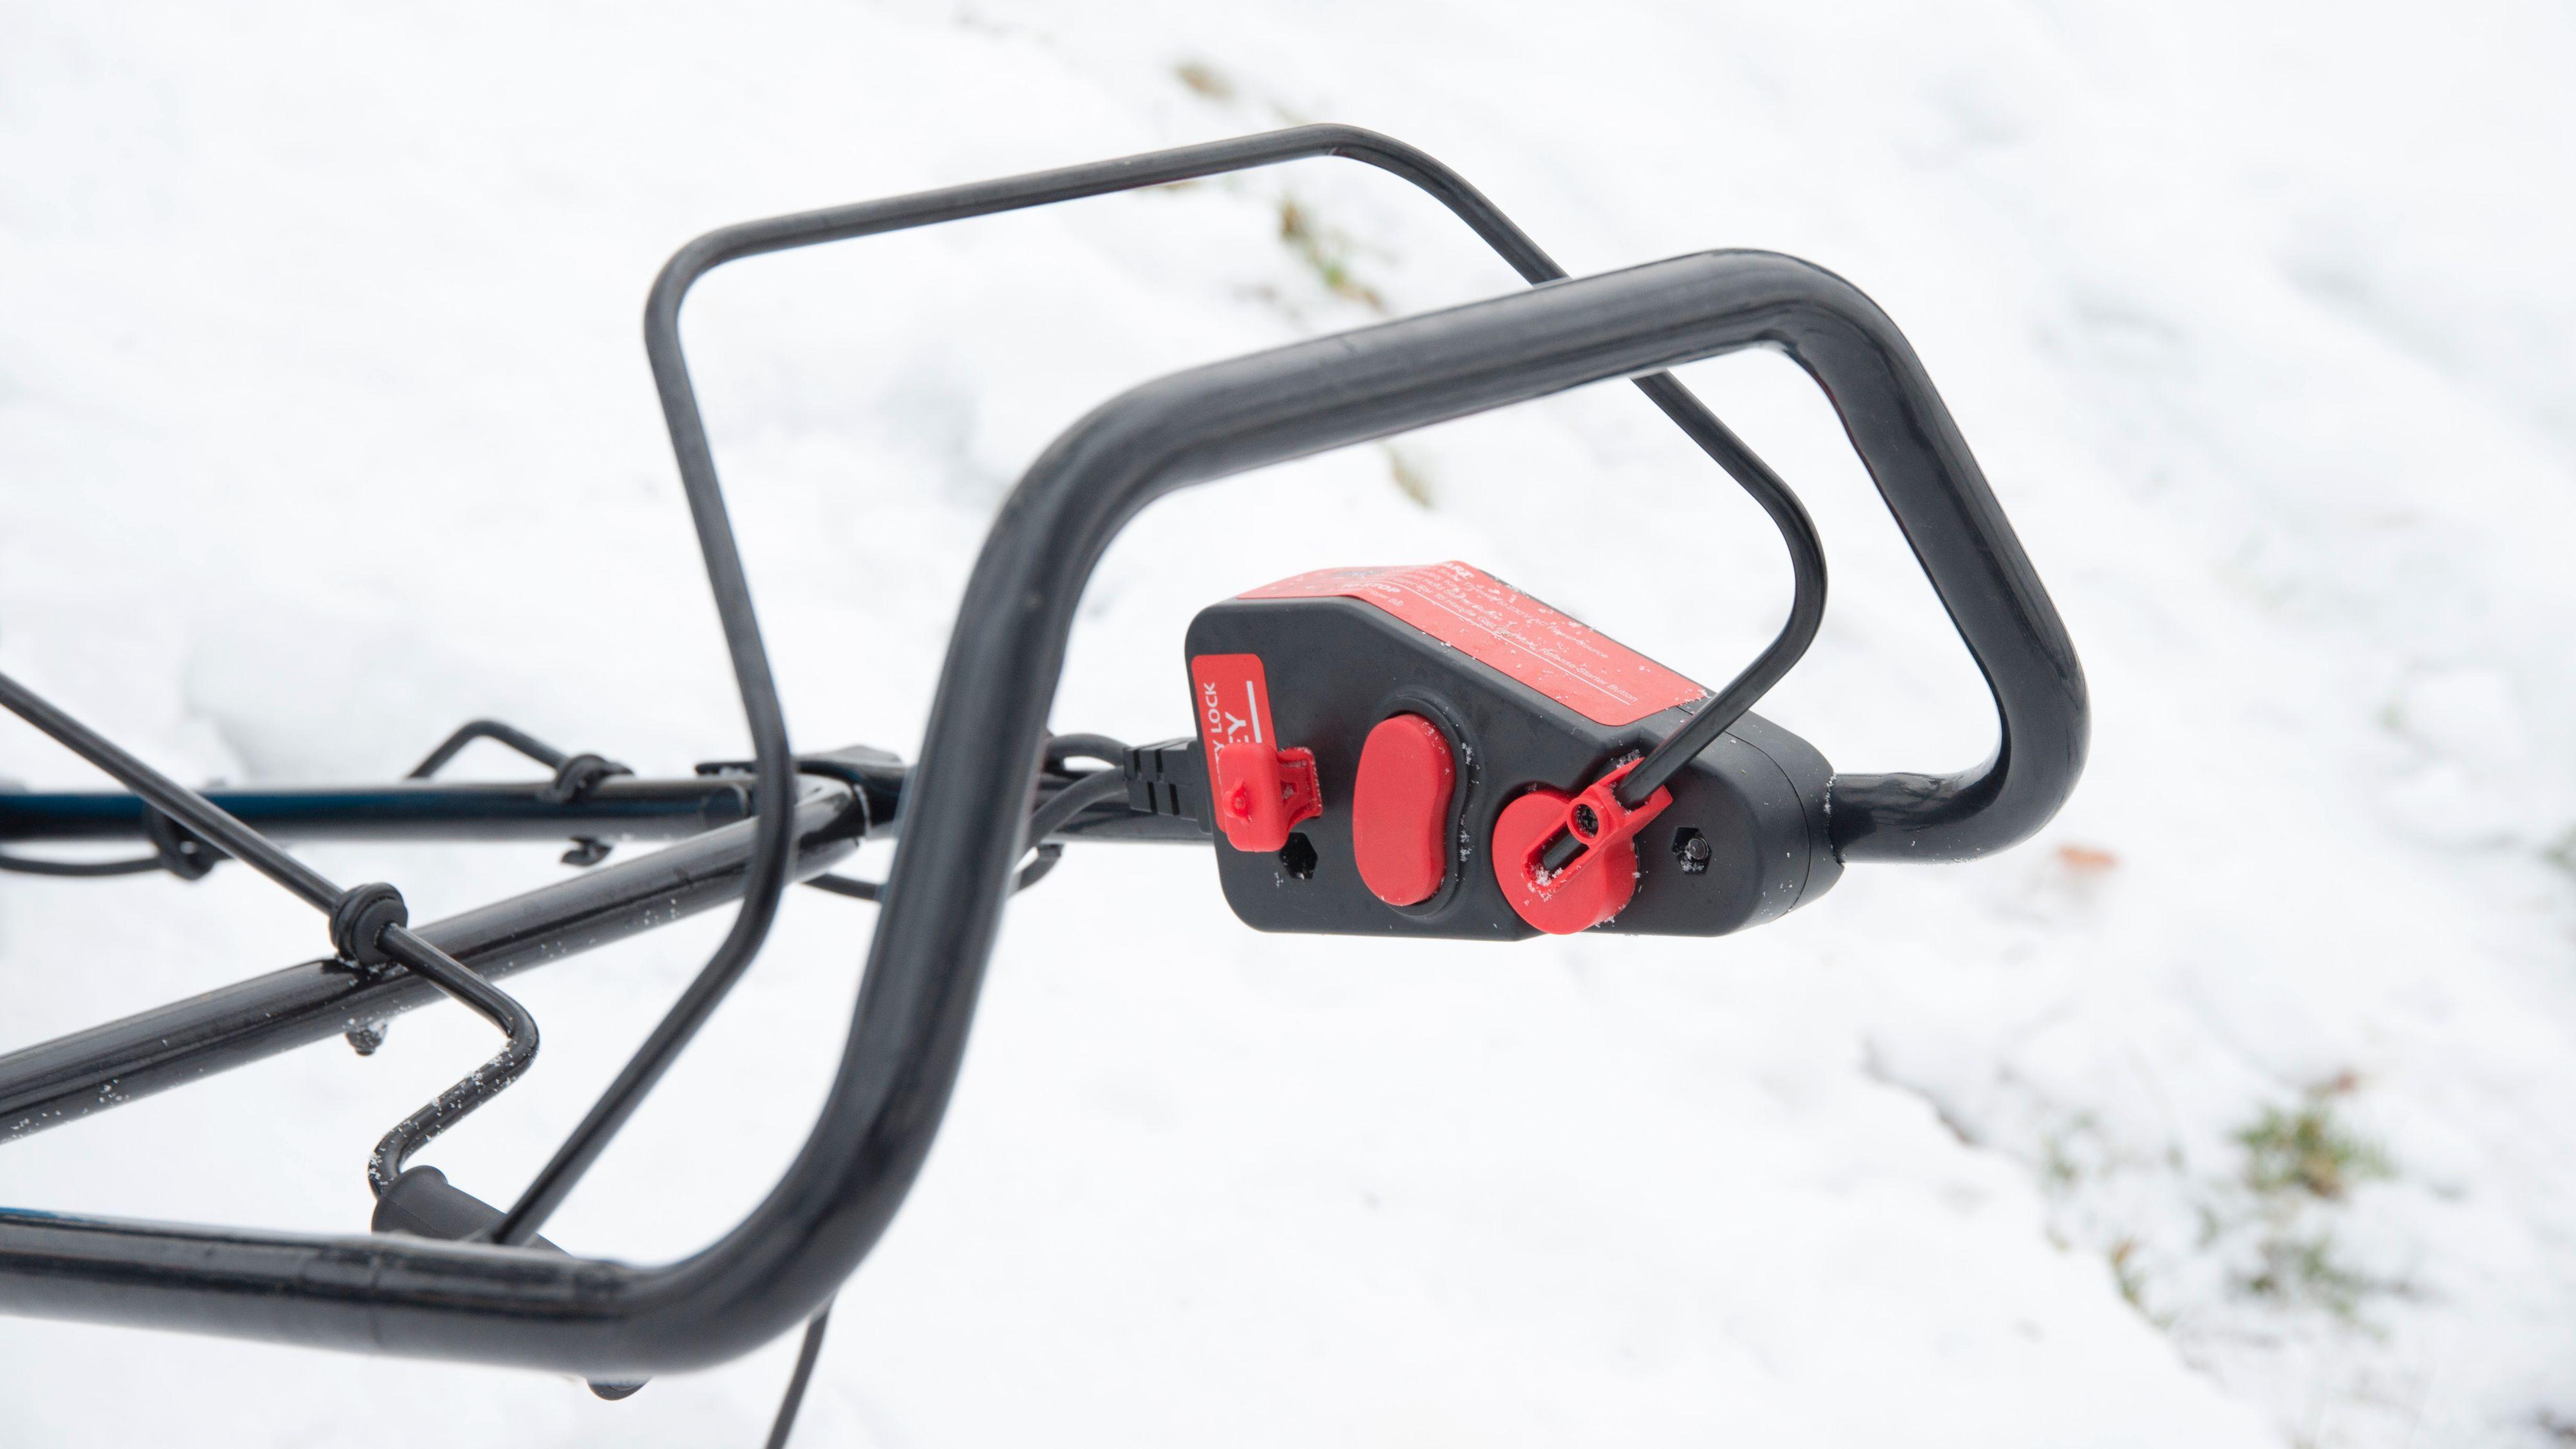 Begge modellene må aktiviseres ved å trykke på en knapp som holdes inne før man klemmer inn bøylen. Mye det samme som du gjør når du kjører en gressklipper.